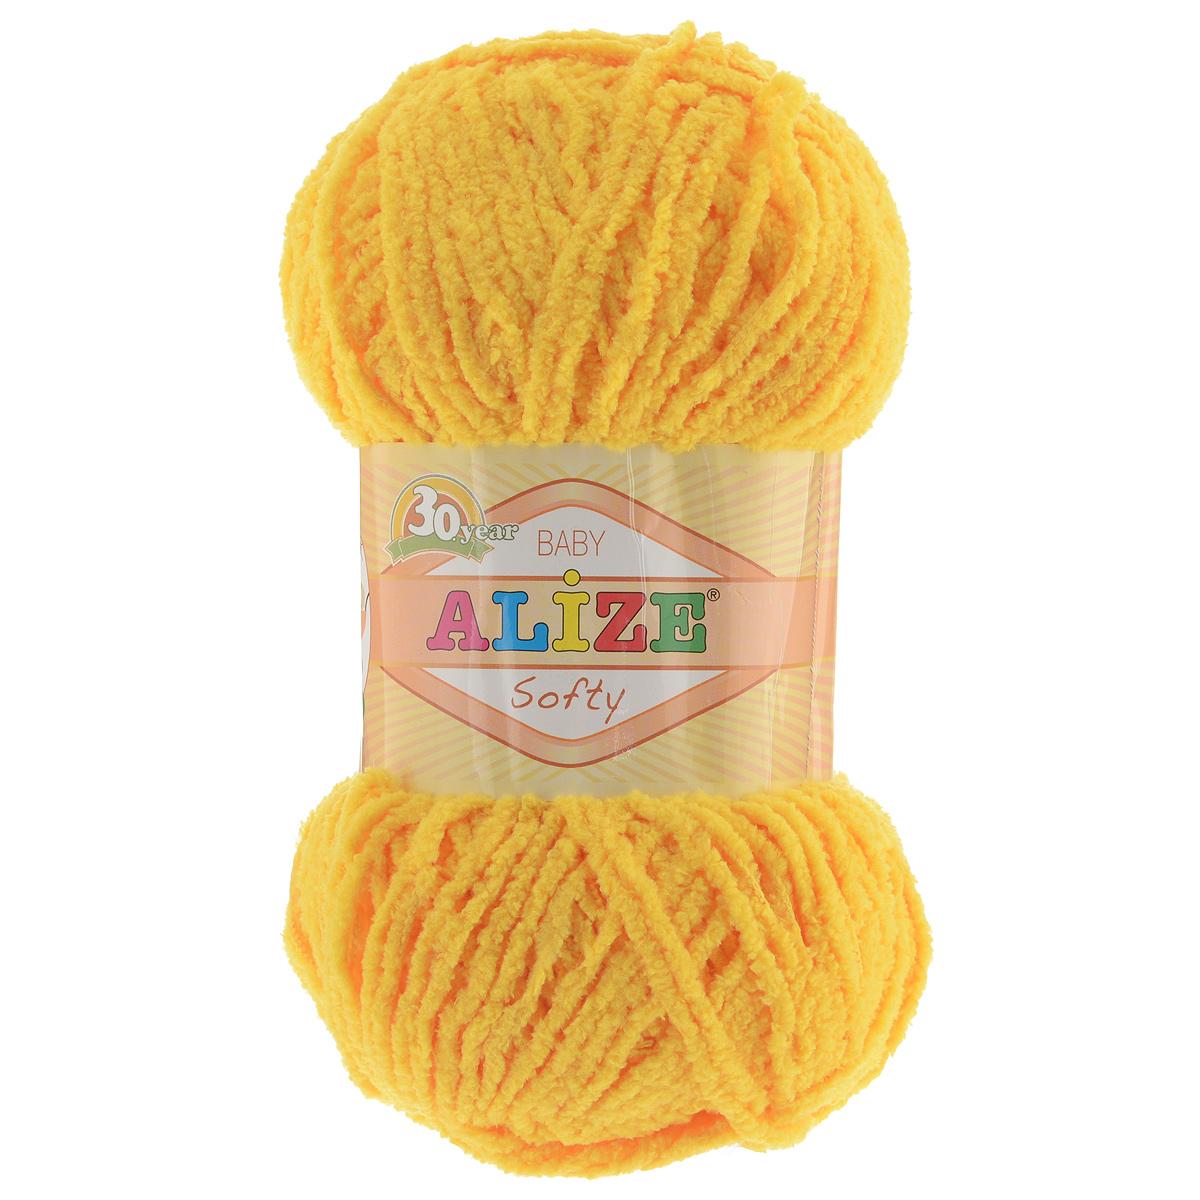 Пряжа для вязания Alize Softy, цвет: желтый (216), 115 м, 50 г, 5 шт694530_216Пряжа для вязания Alize Softy изготовлена из микрополиэстера. Фантазийная плюшевая пряжа для ручного вязания прекрасно подойдет для детской одежды. Ниточка мягкая и приятная на ощупь. Подходит для вязания спицами и крючком. Рекомендованные спицы 3-5 мм и крючок для вязания 2-4 мм. Комплектация: 5 мотков.